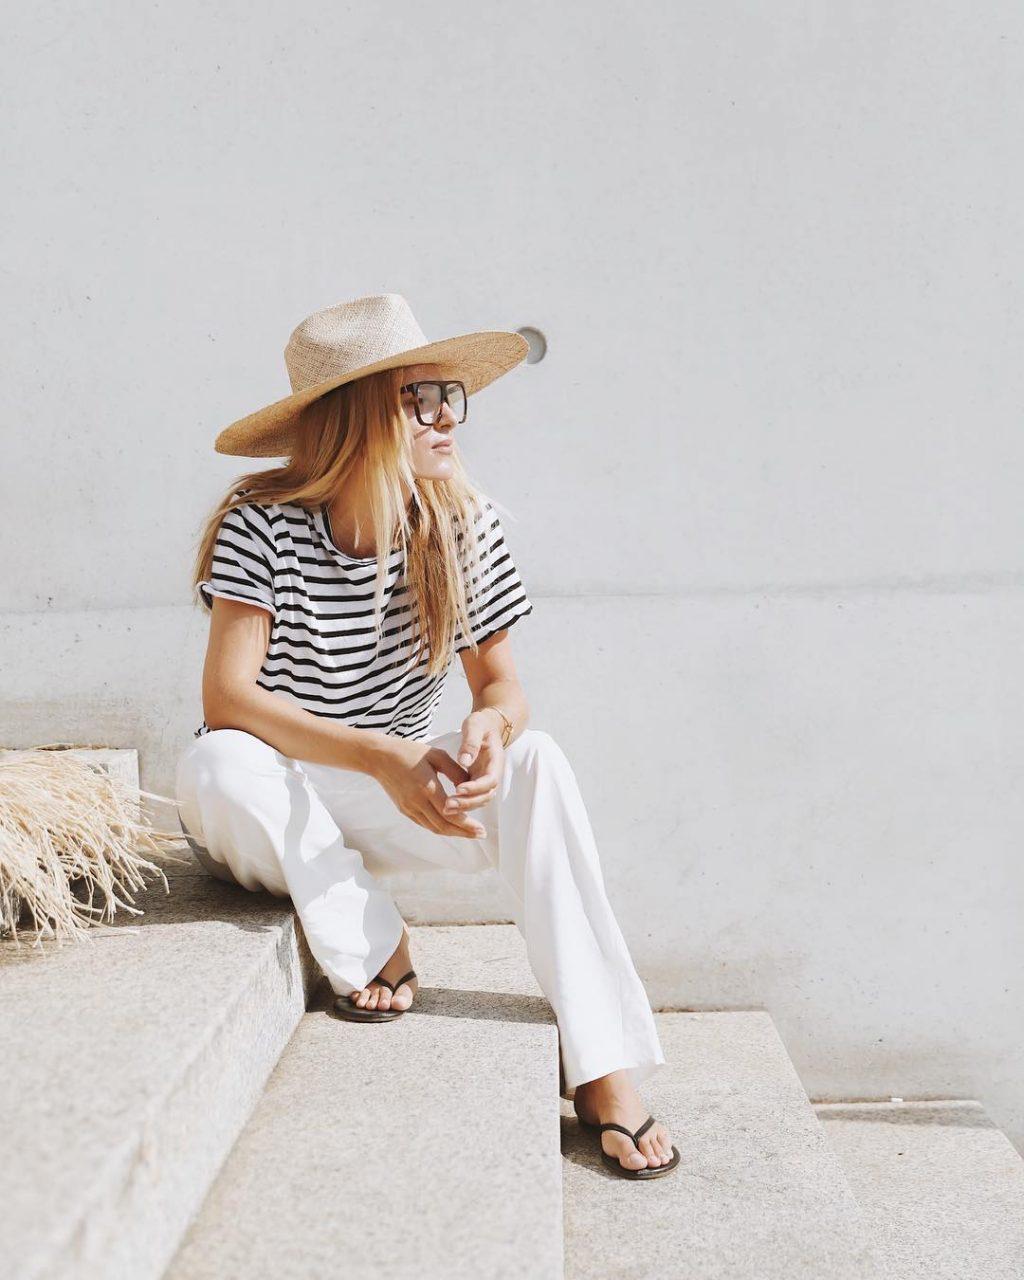 Tín đồ của phong cách tối giản kết hợp dép xỏ ngón cùng áo kẻ và quần trắng